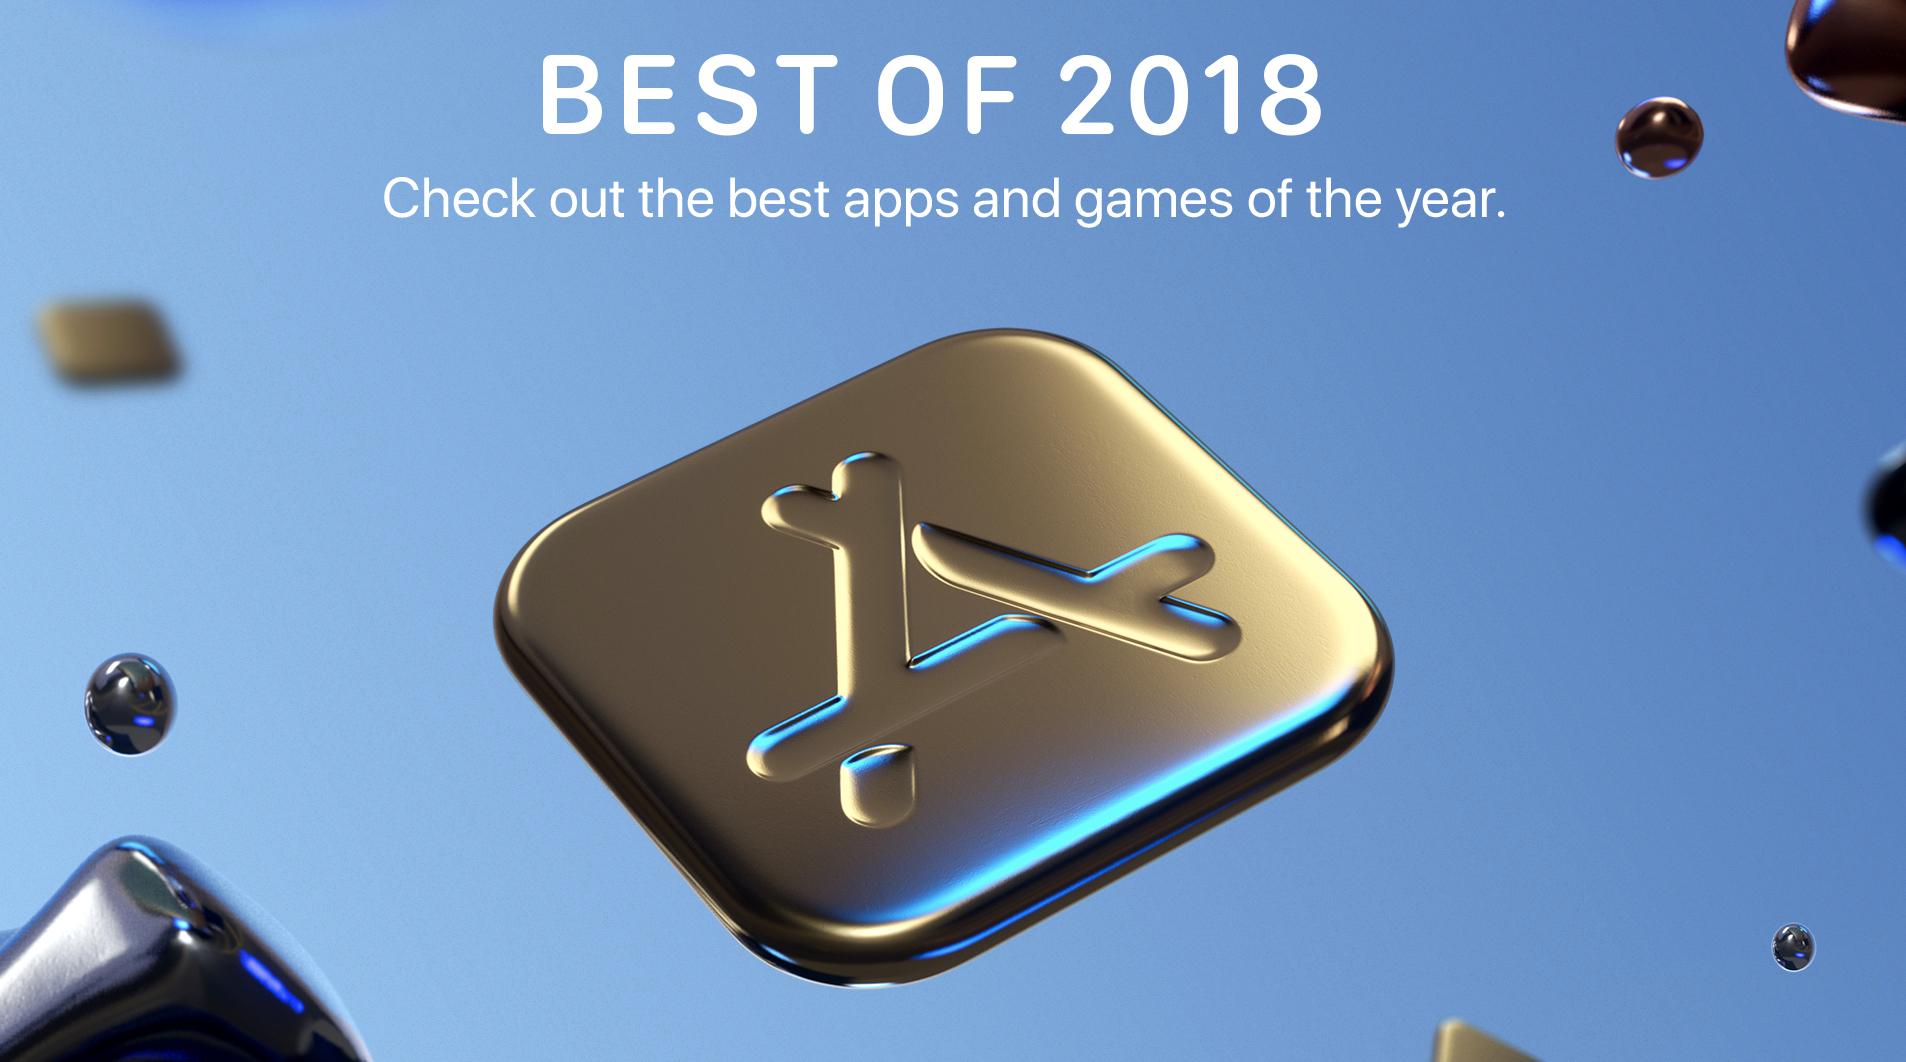 le top des meilleurs jeux et apps iphone 2018 d apple est sorti. Black Bedroom Furniture Sets. Home Design Ideas